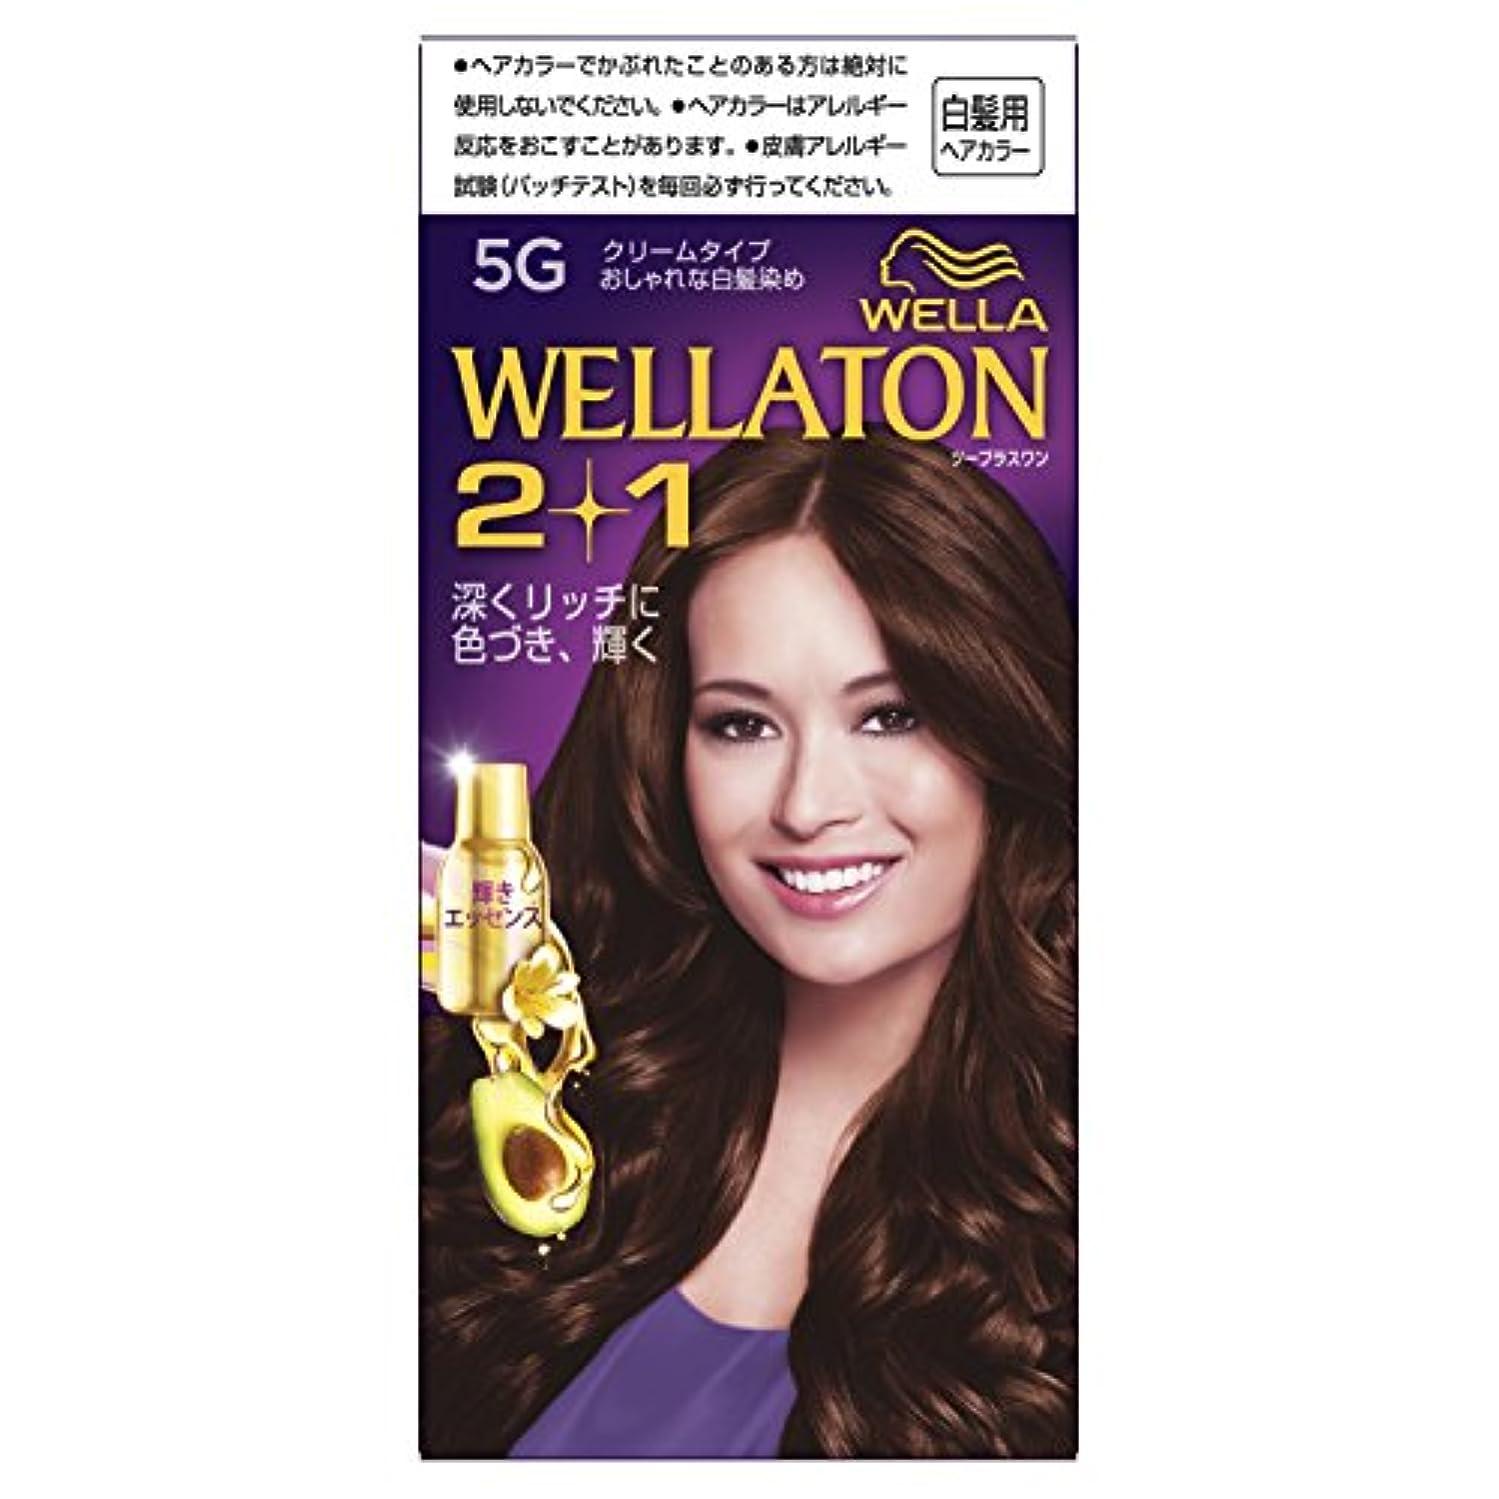 くぼみファセット悲劇的なウエラトーン2+1 クリームタイプ 5G [医薬部外品](おしゃれな白髪染め)